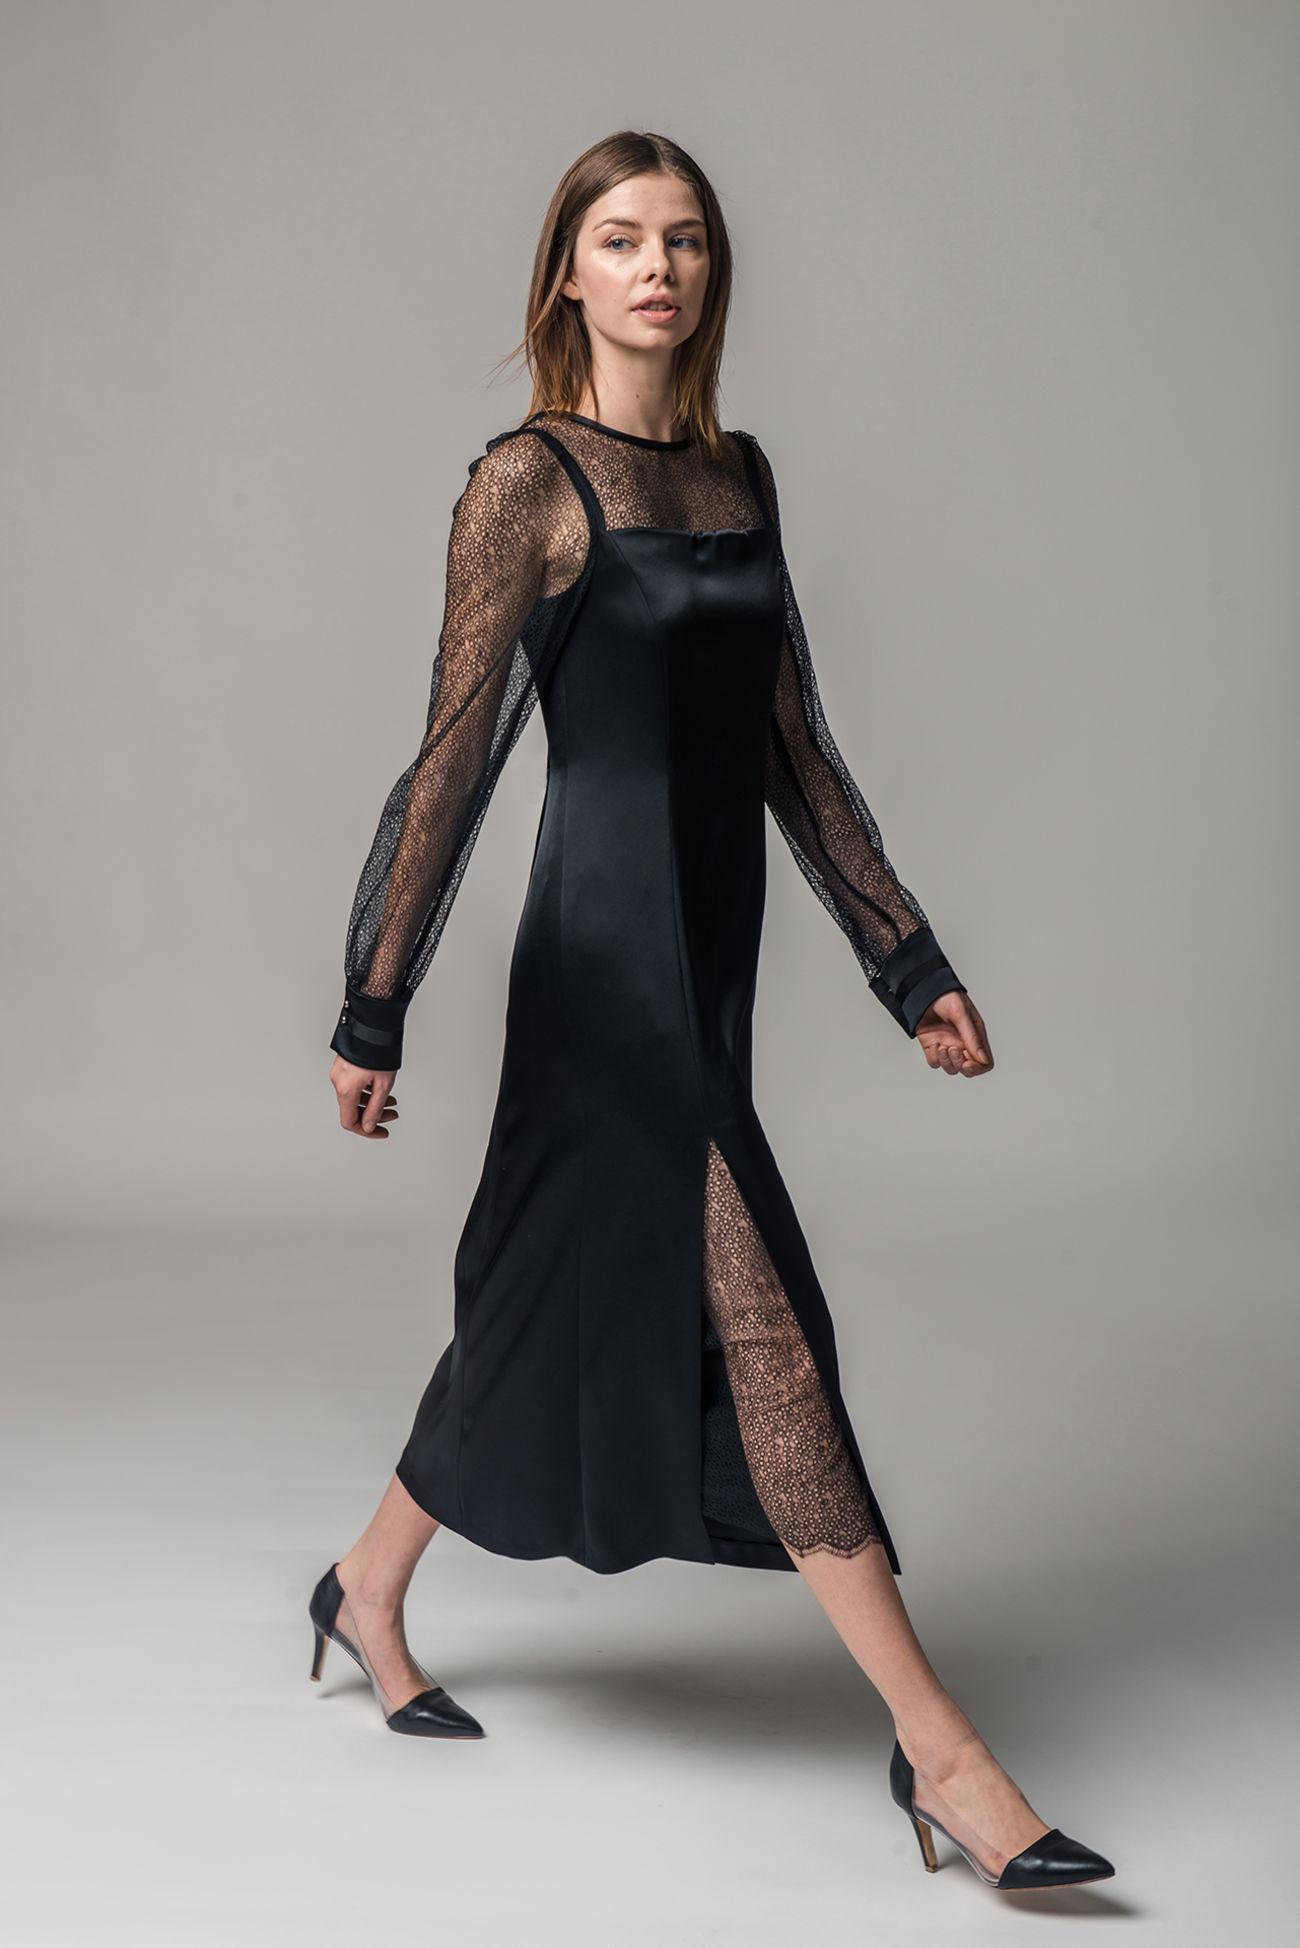 Spitzen-Satin-Kleid